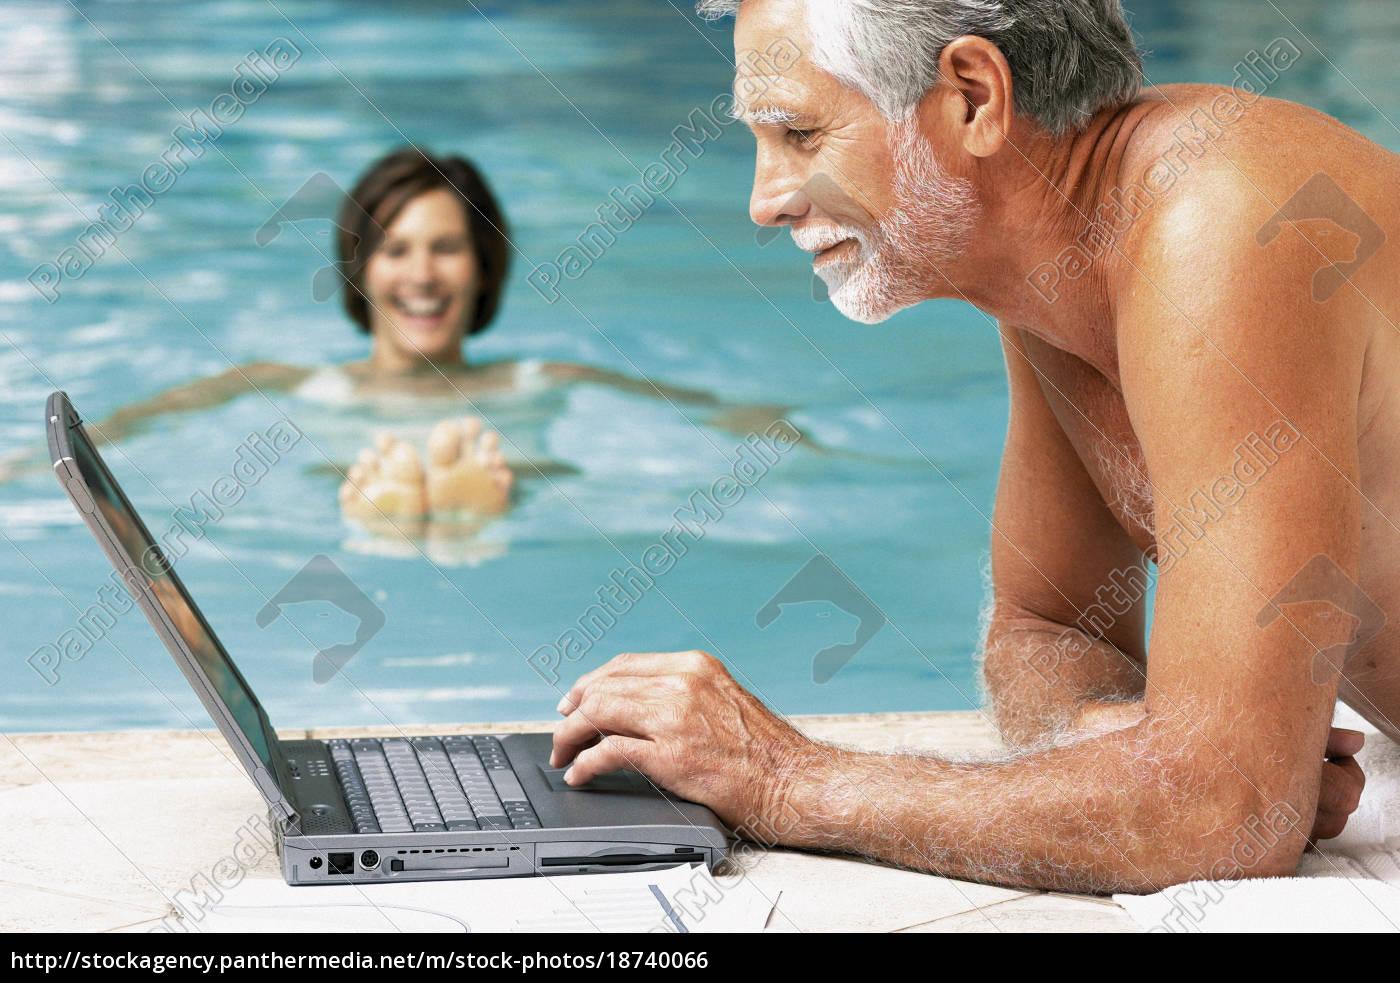 mann, und, frau, im, schwimmbad, mit - 18740066